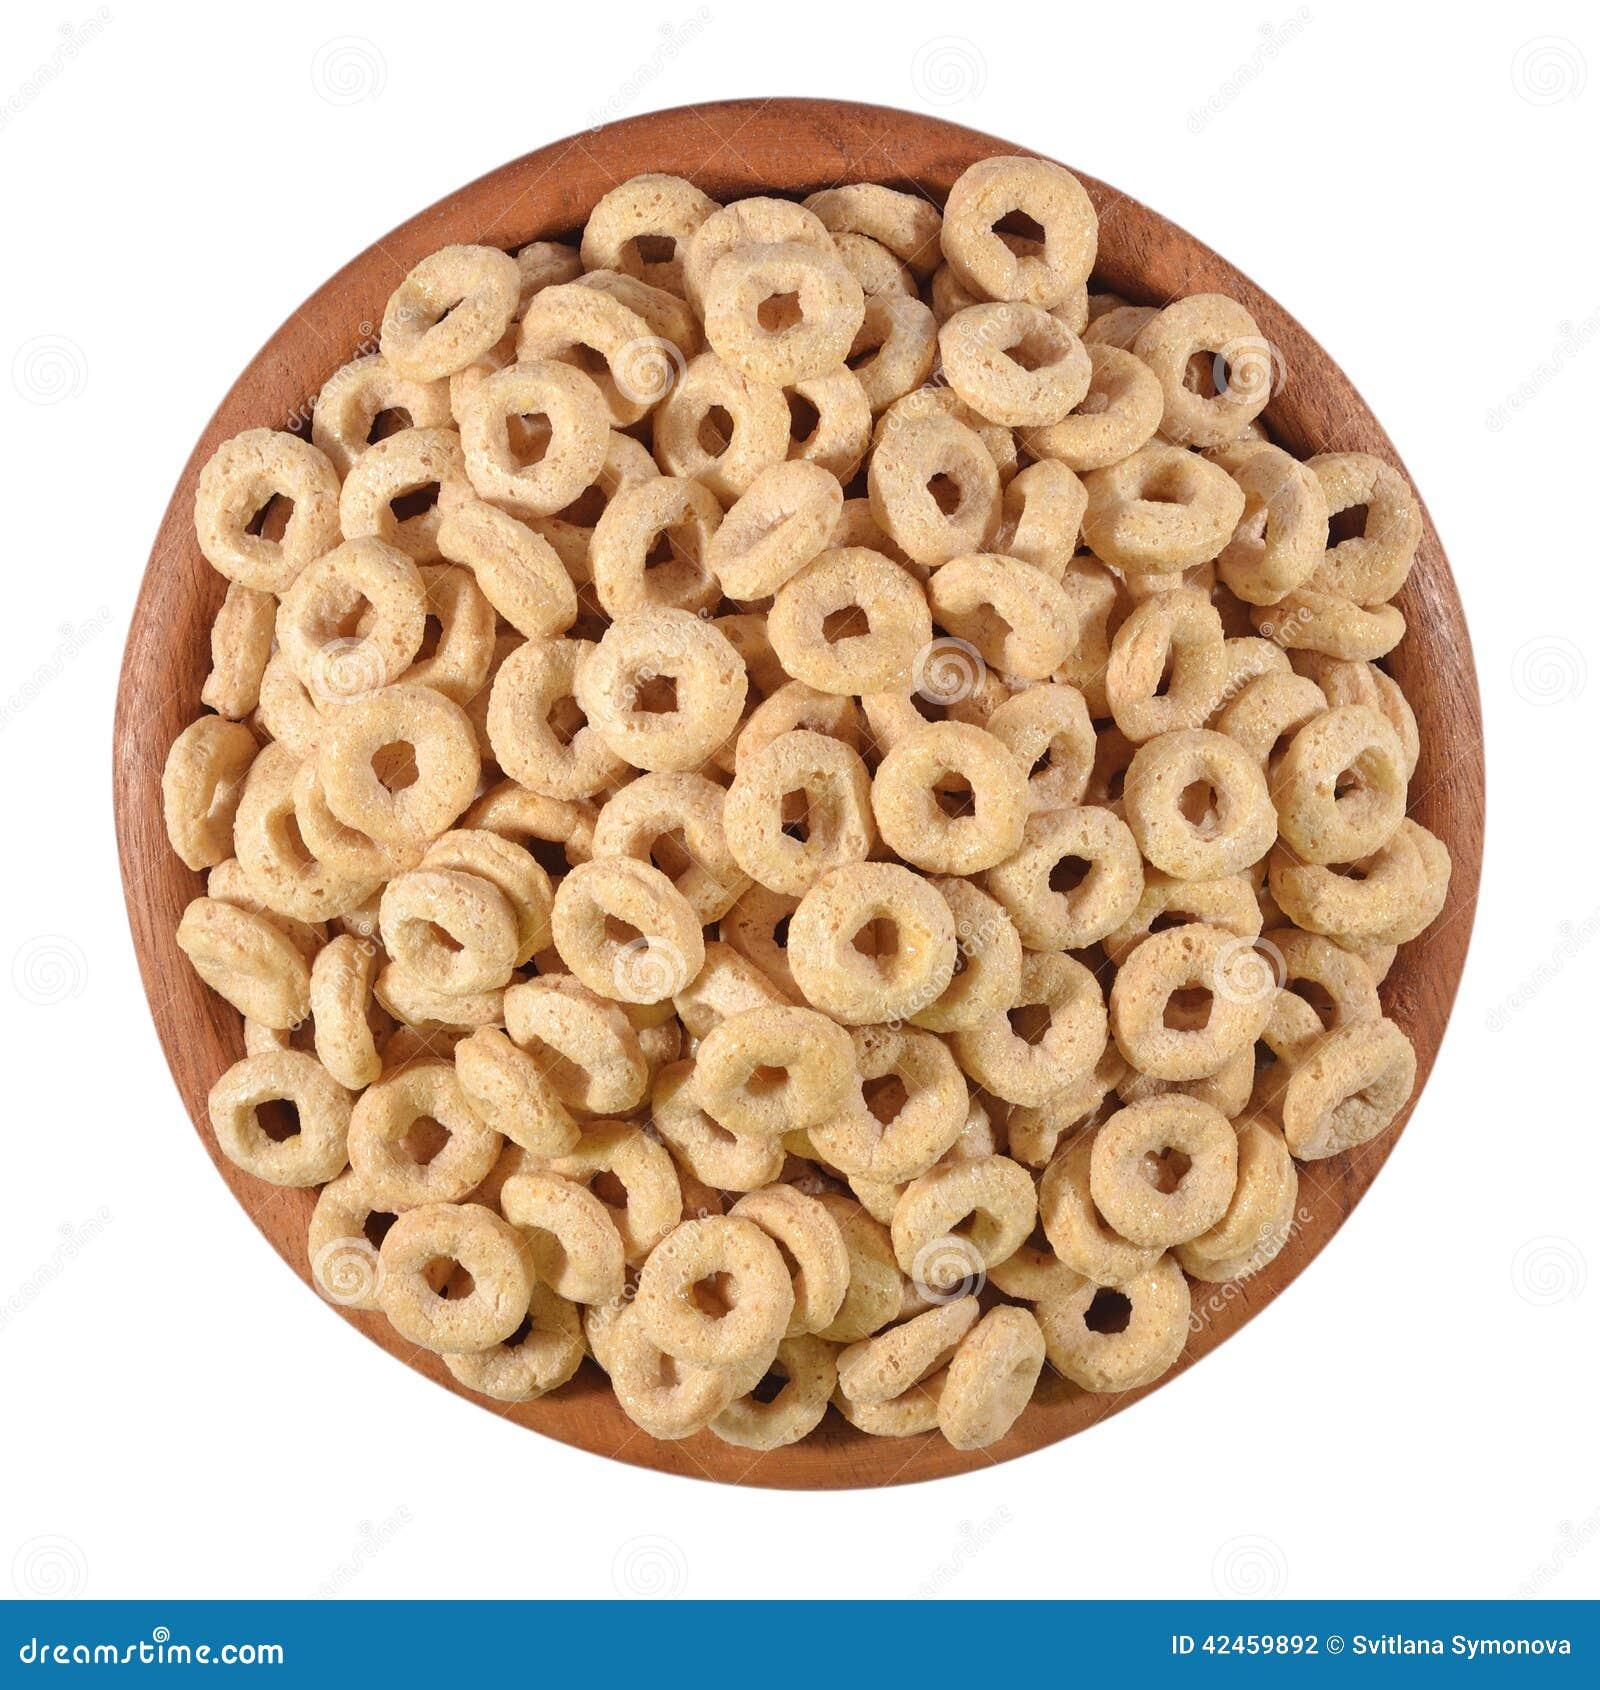 Frühstückskost aus Getreide schellt in einer hölzernen Schüssel auf einem Weiß